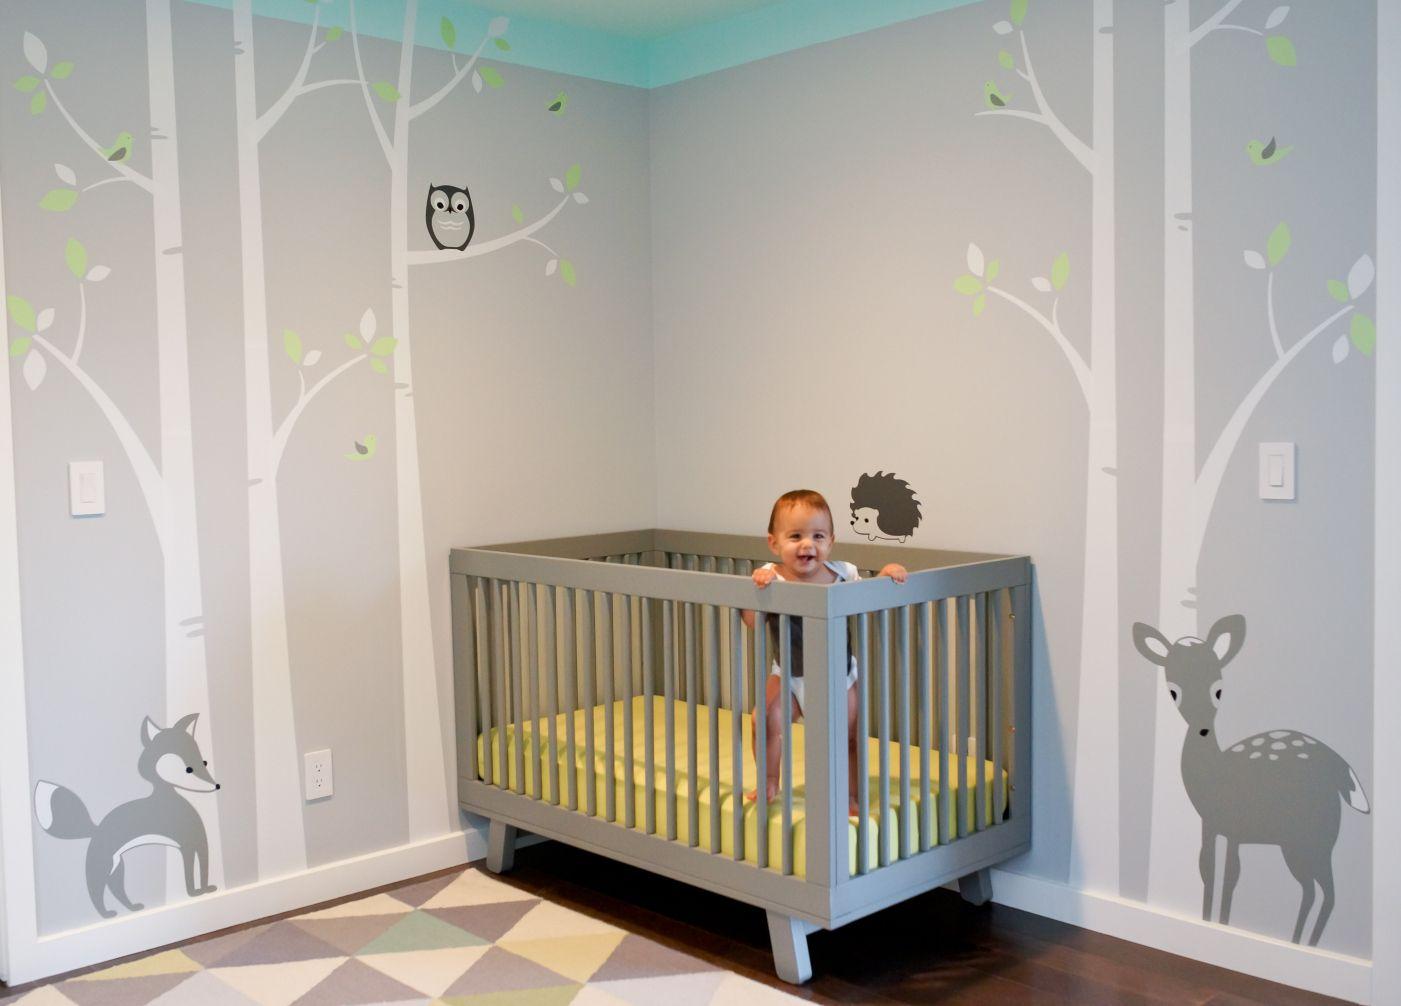 Wald Kinderzimmer Ist Ein Freundliches Und Originelles Thema, Die Sich  Gleich Für Junge Und Mädchen Eignet. Mit Deko Lässt Sich Der Individuelle  Charakter